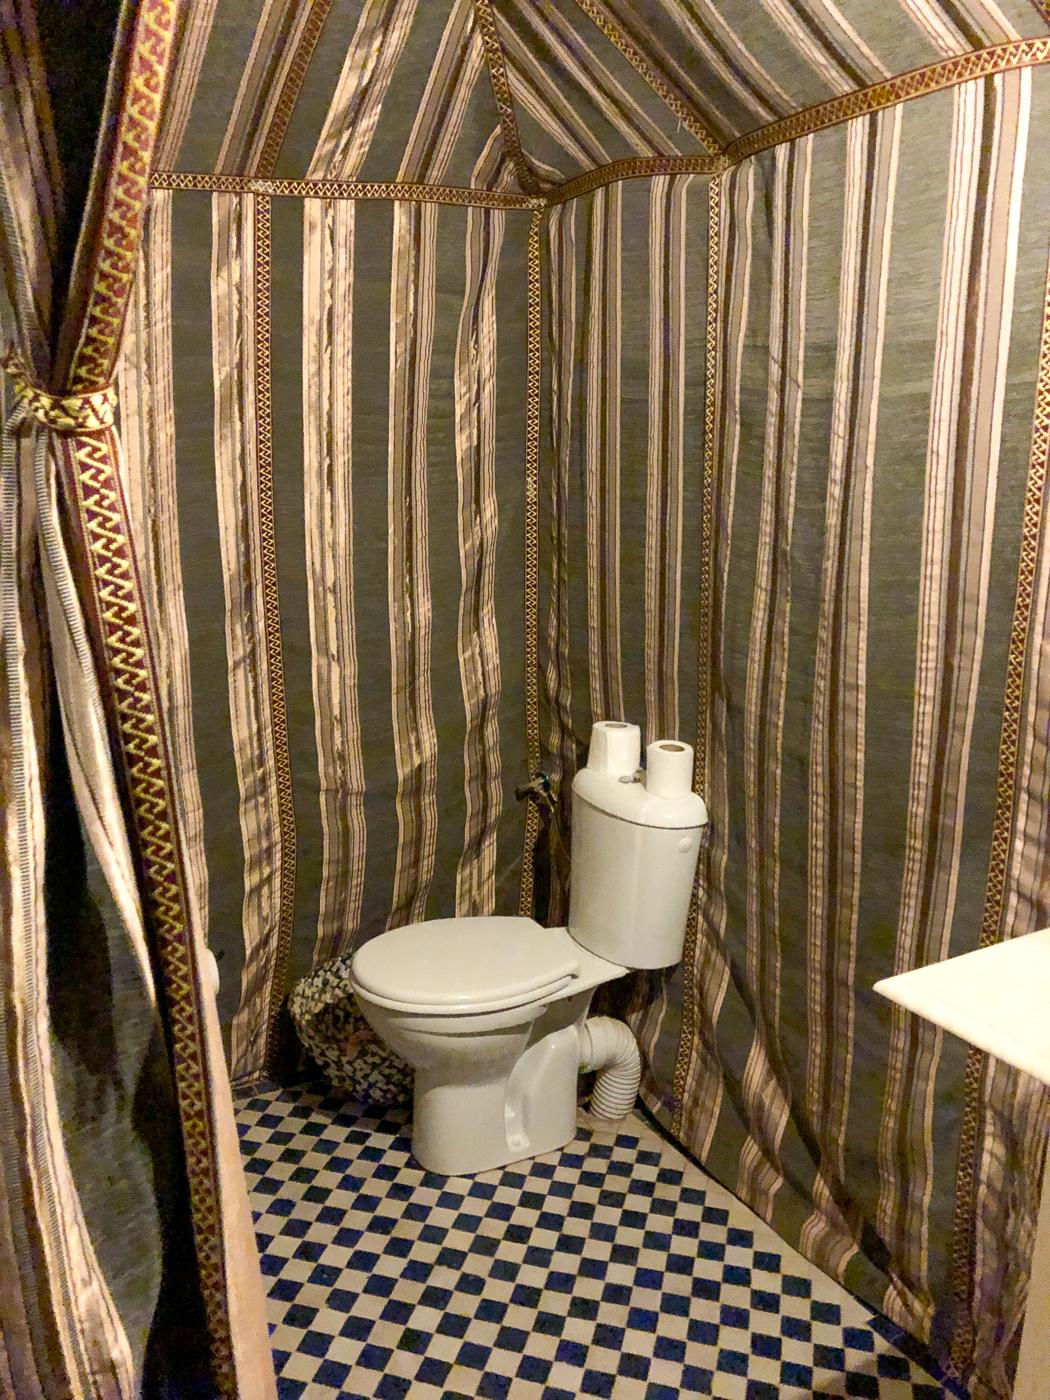 Toilette dans le bivouac du désert marocain